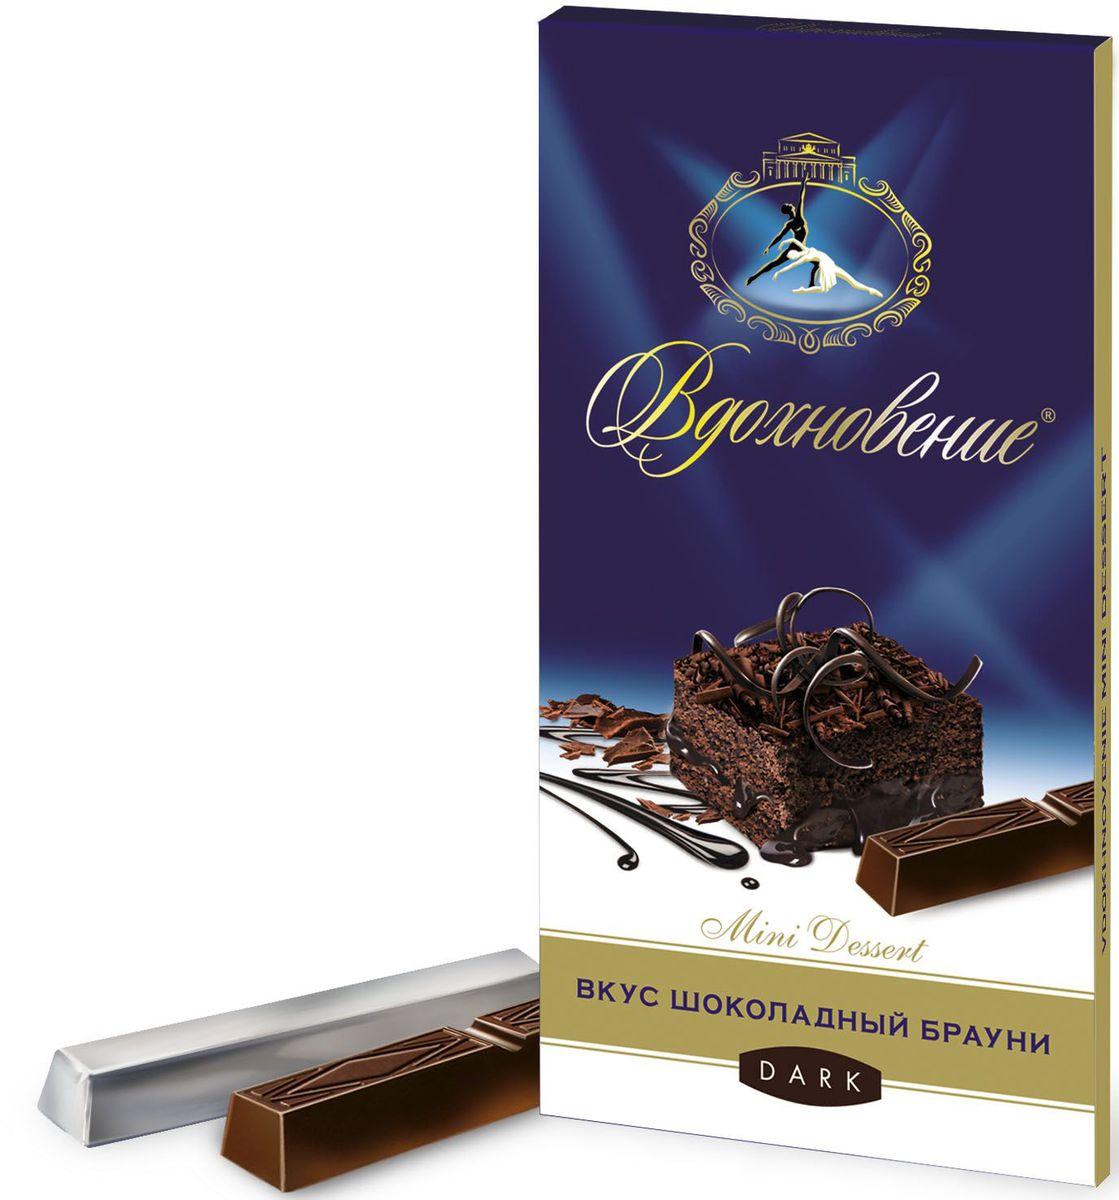 Бабаевский Вдохновение Mini Dessert вкус Шоколадный брауни темный шоколад, 100 г kitkat mini темный шоколад с хрустящей вафлей 185 г